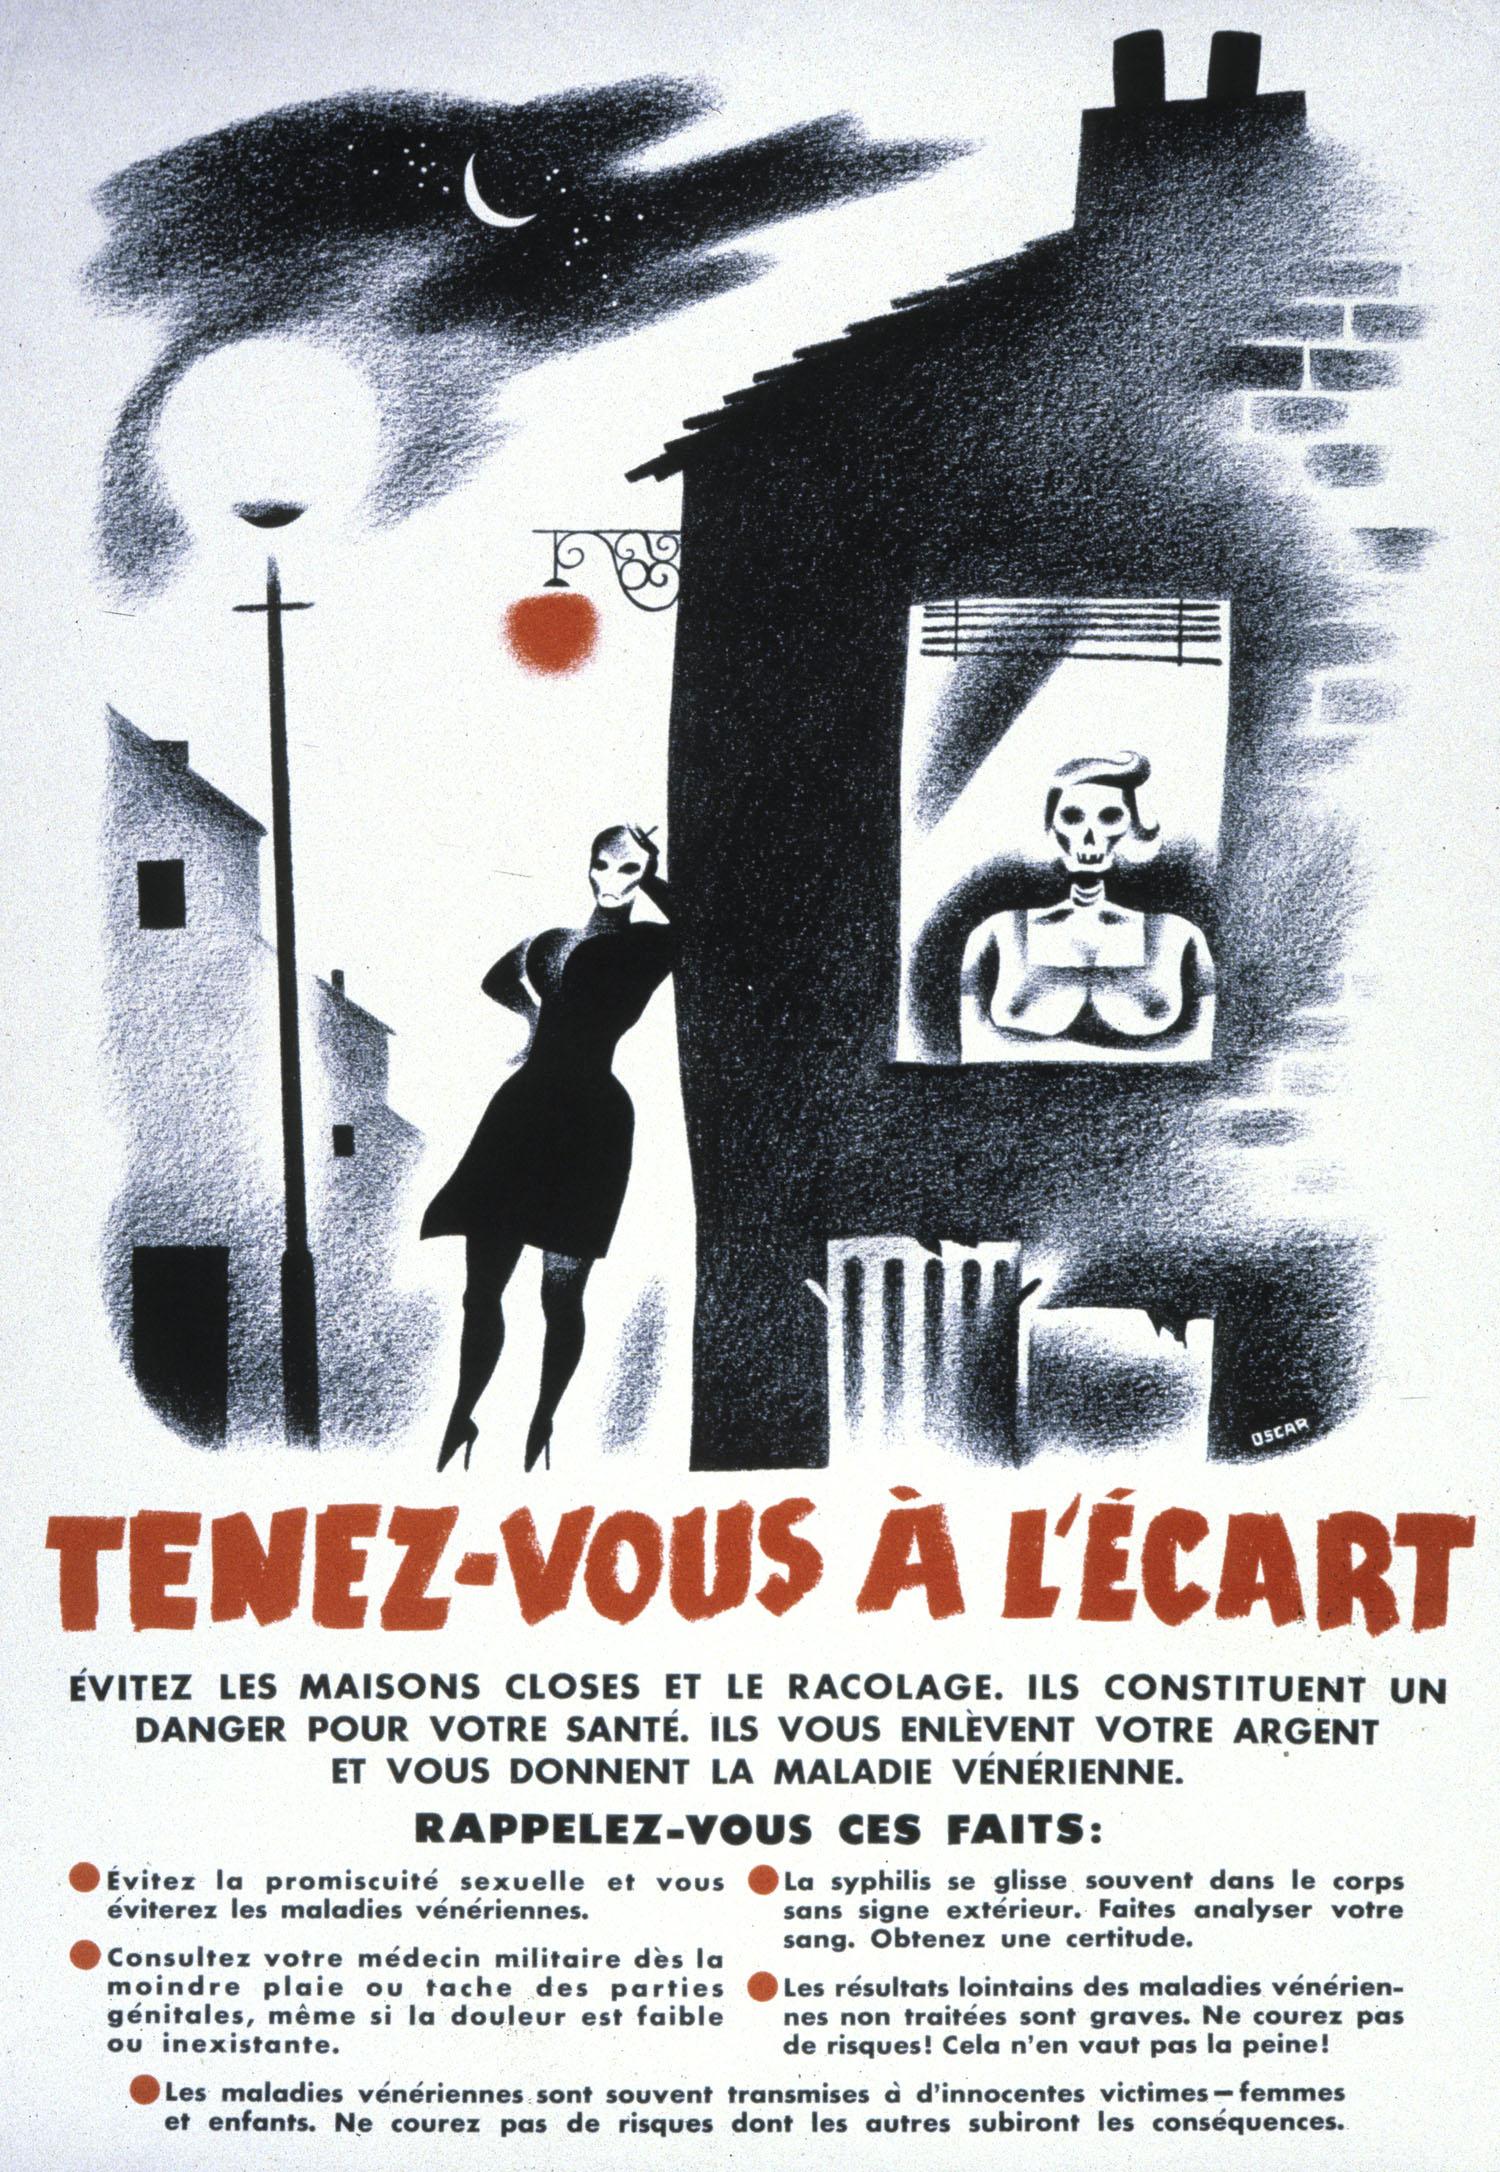 Une affiche en français titrée « Tenez-vous à l'écart » qui illustre une rue la nuit. Une femme est dans la rue et se tient sous une lumière rouge et une autre est à l'intérieur d'une maison. Le visage des deux femmes est remplacé par un crâne.